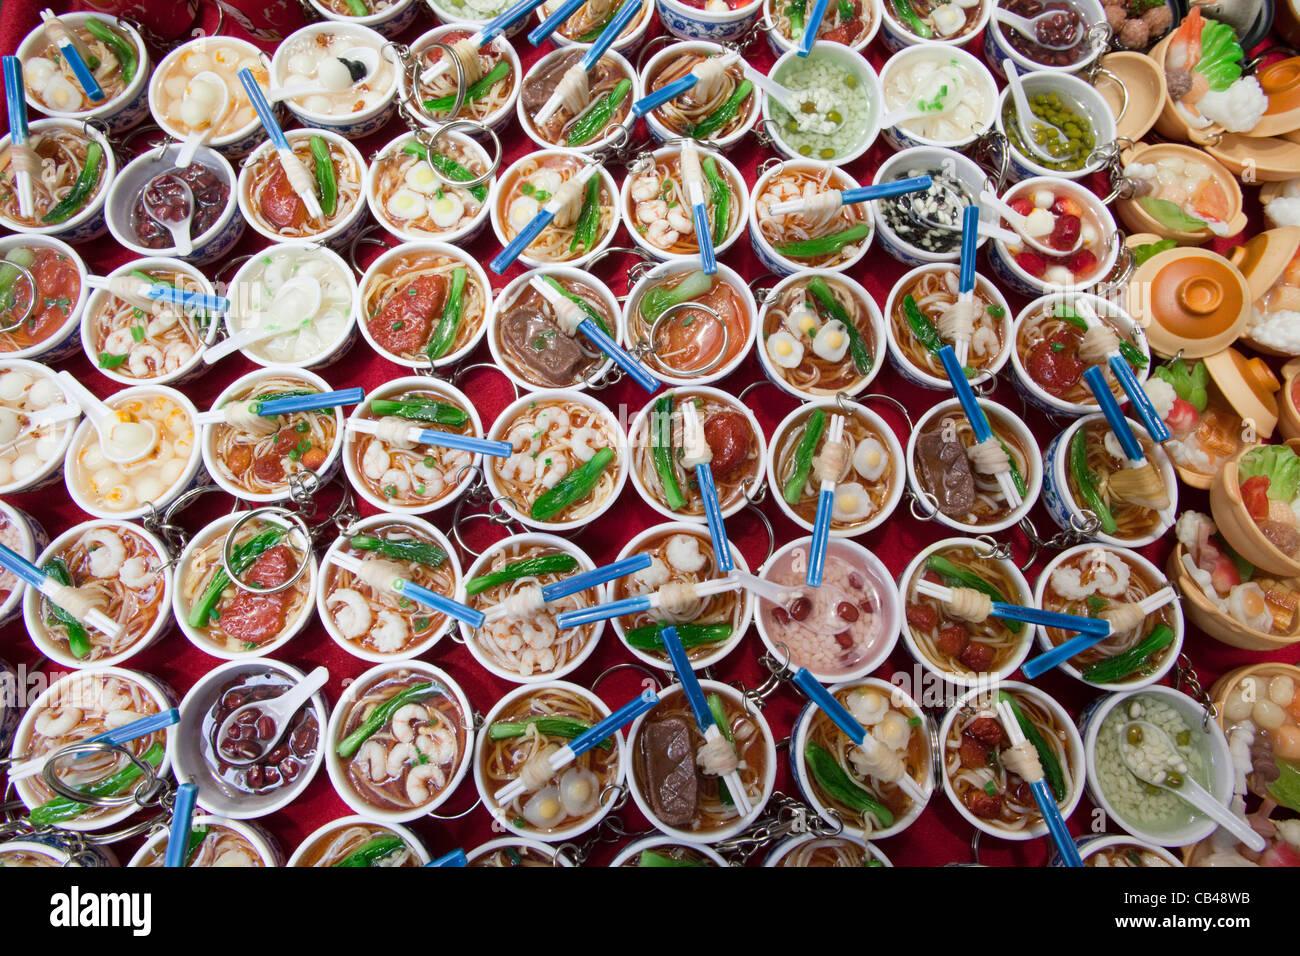 China, Hong Kong, Stanley Market, Souvenir Keyrings of Chinese Bowls of Food - Stock Image